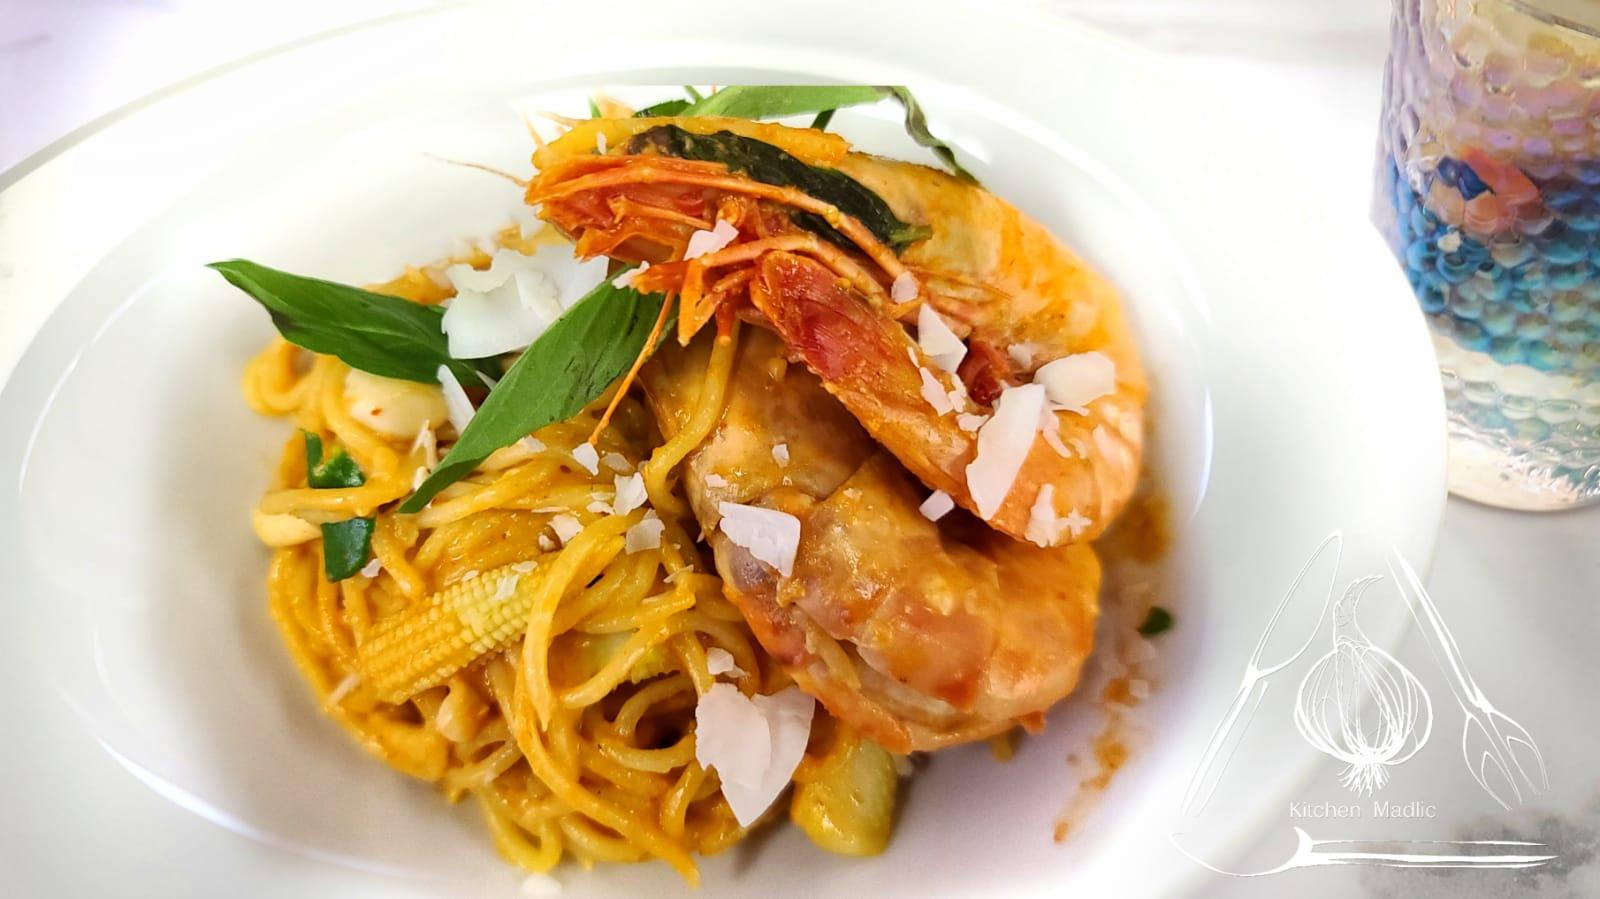 泰式紅咖哩椰香虎蝦意粉。(Kitchen Madlic提供)